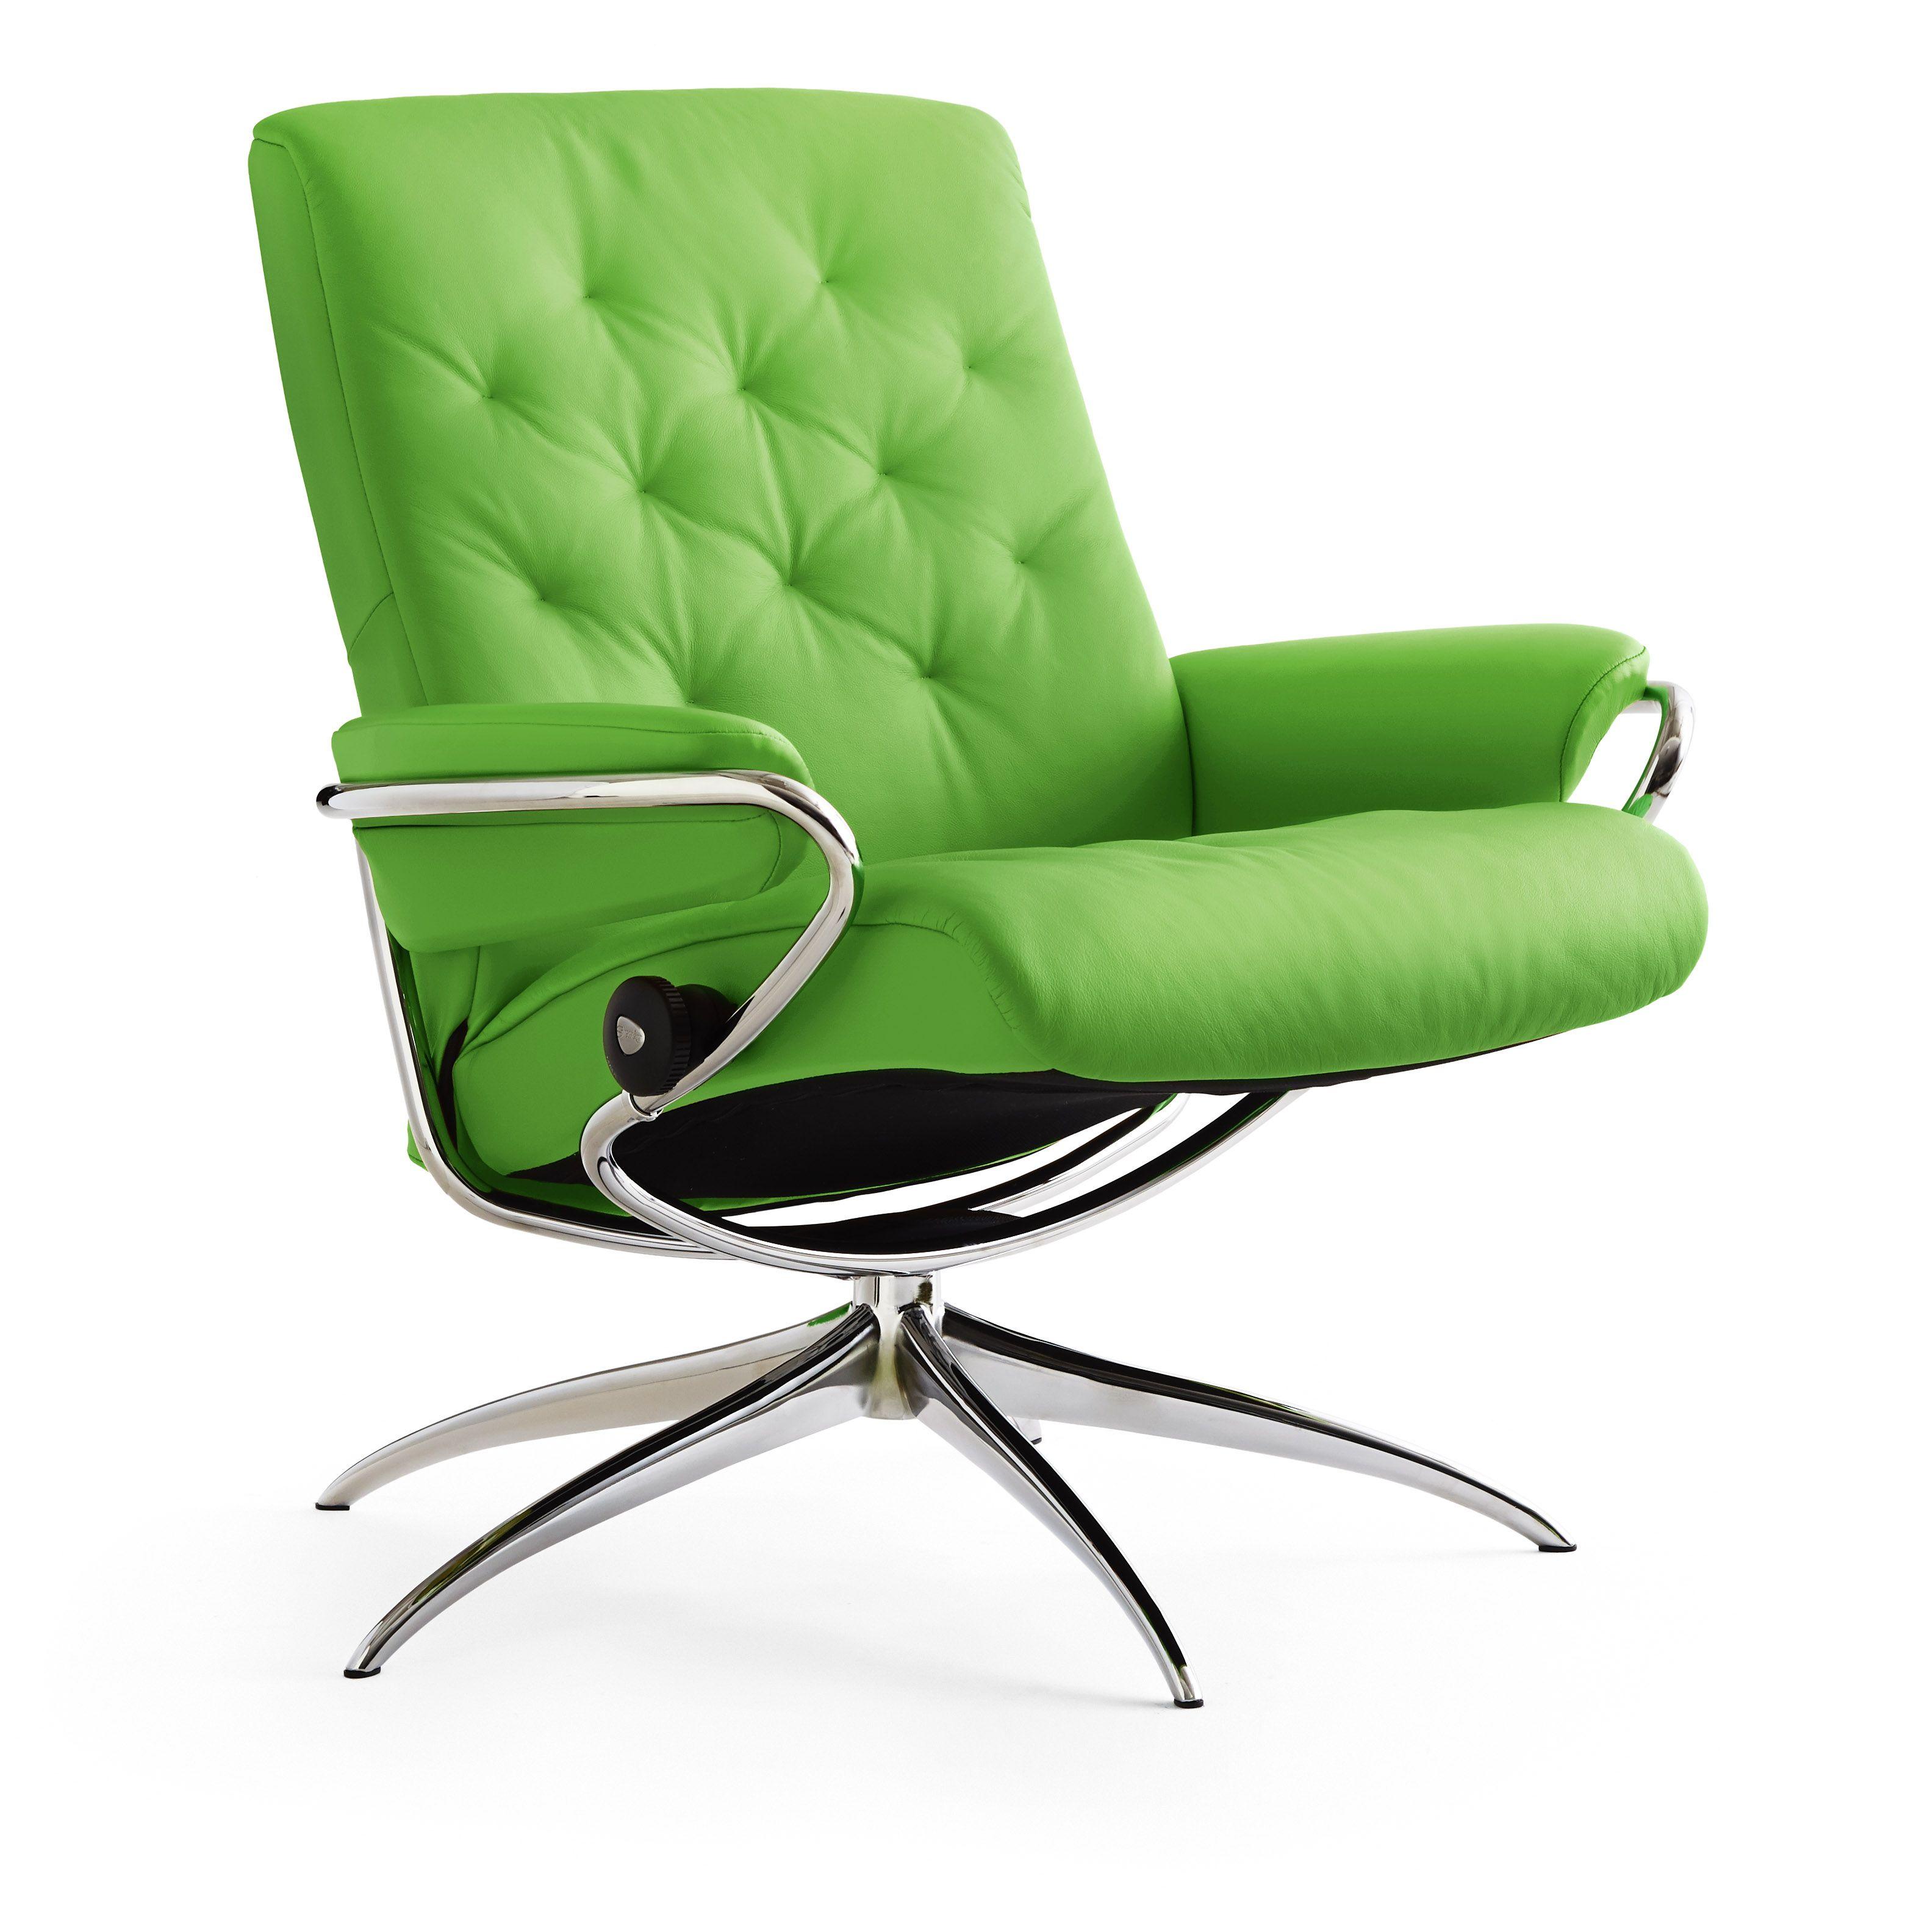 stressless sessel modern. Black Bedroom Furniture Sets. Home Design Ideas